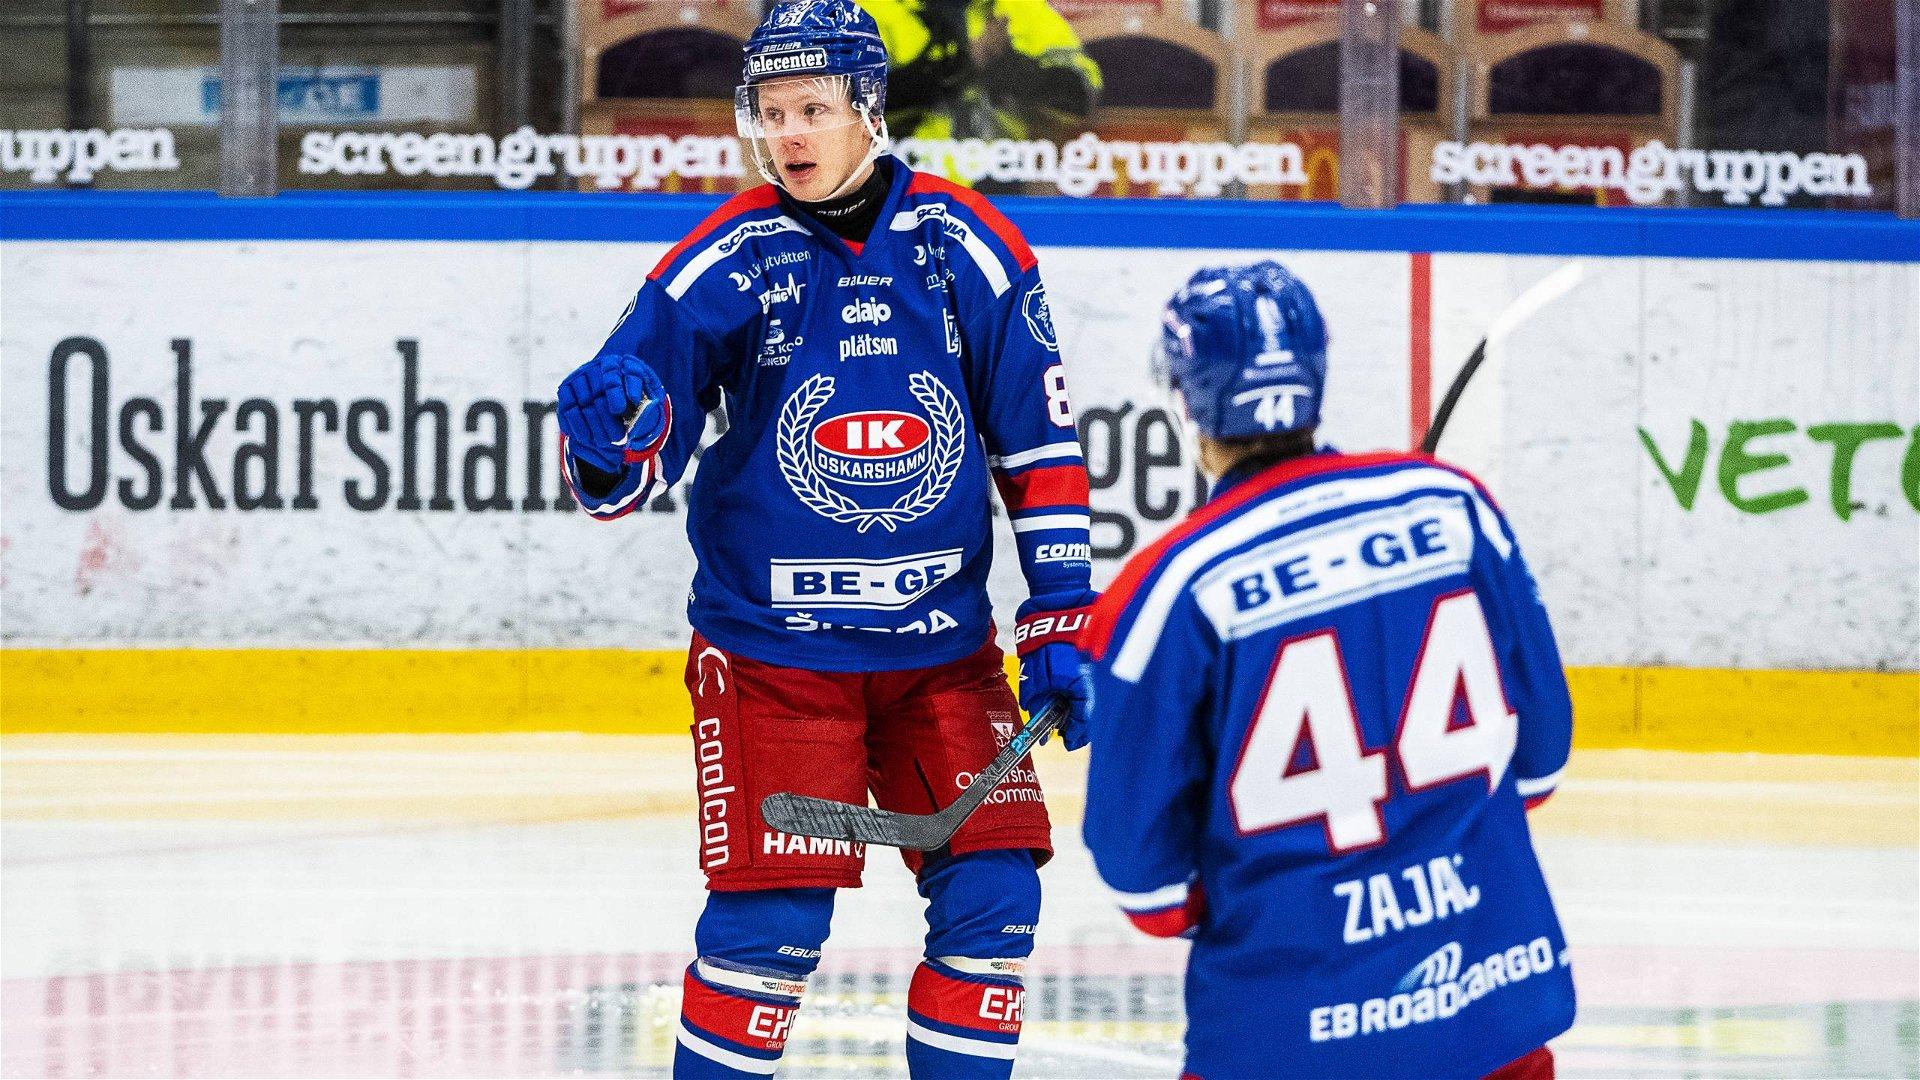 Två blåklädda Oskarshamnsspelare firar ett mål, Zajac med ryggen mot kameran och Olofsson med ansiktet mot kameran